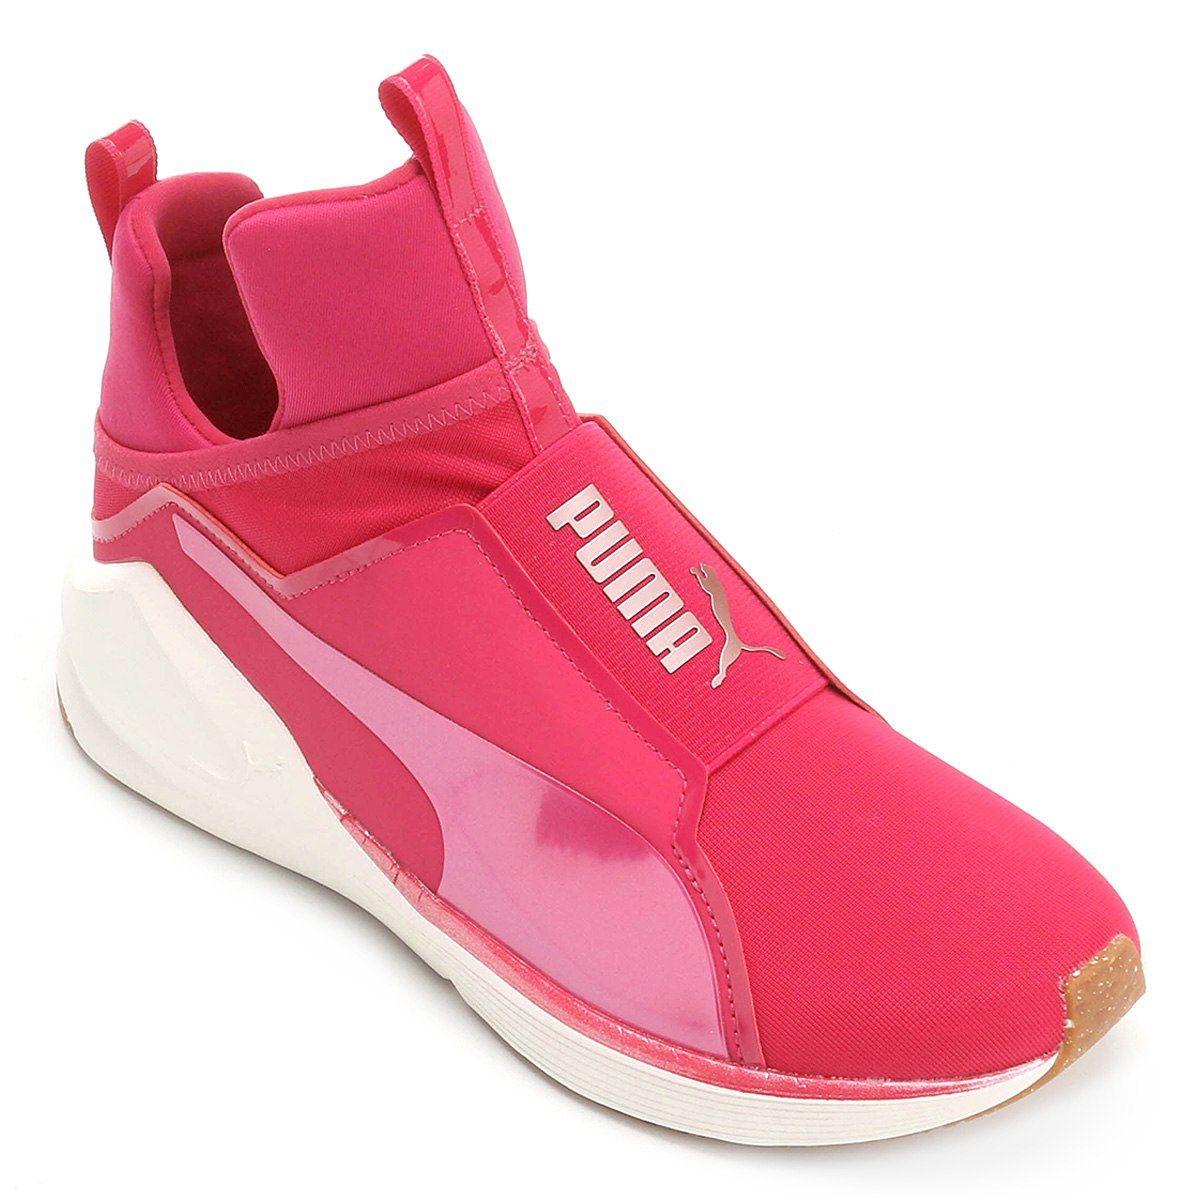 e6119a79f561f Tênis Puma Fierce Vr Feminino - Rosa e Branco in 2019 | Style ...